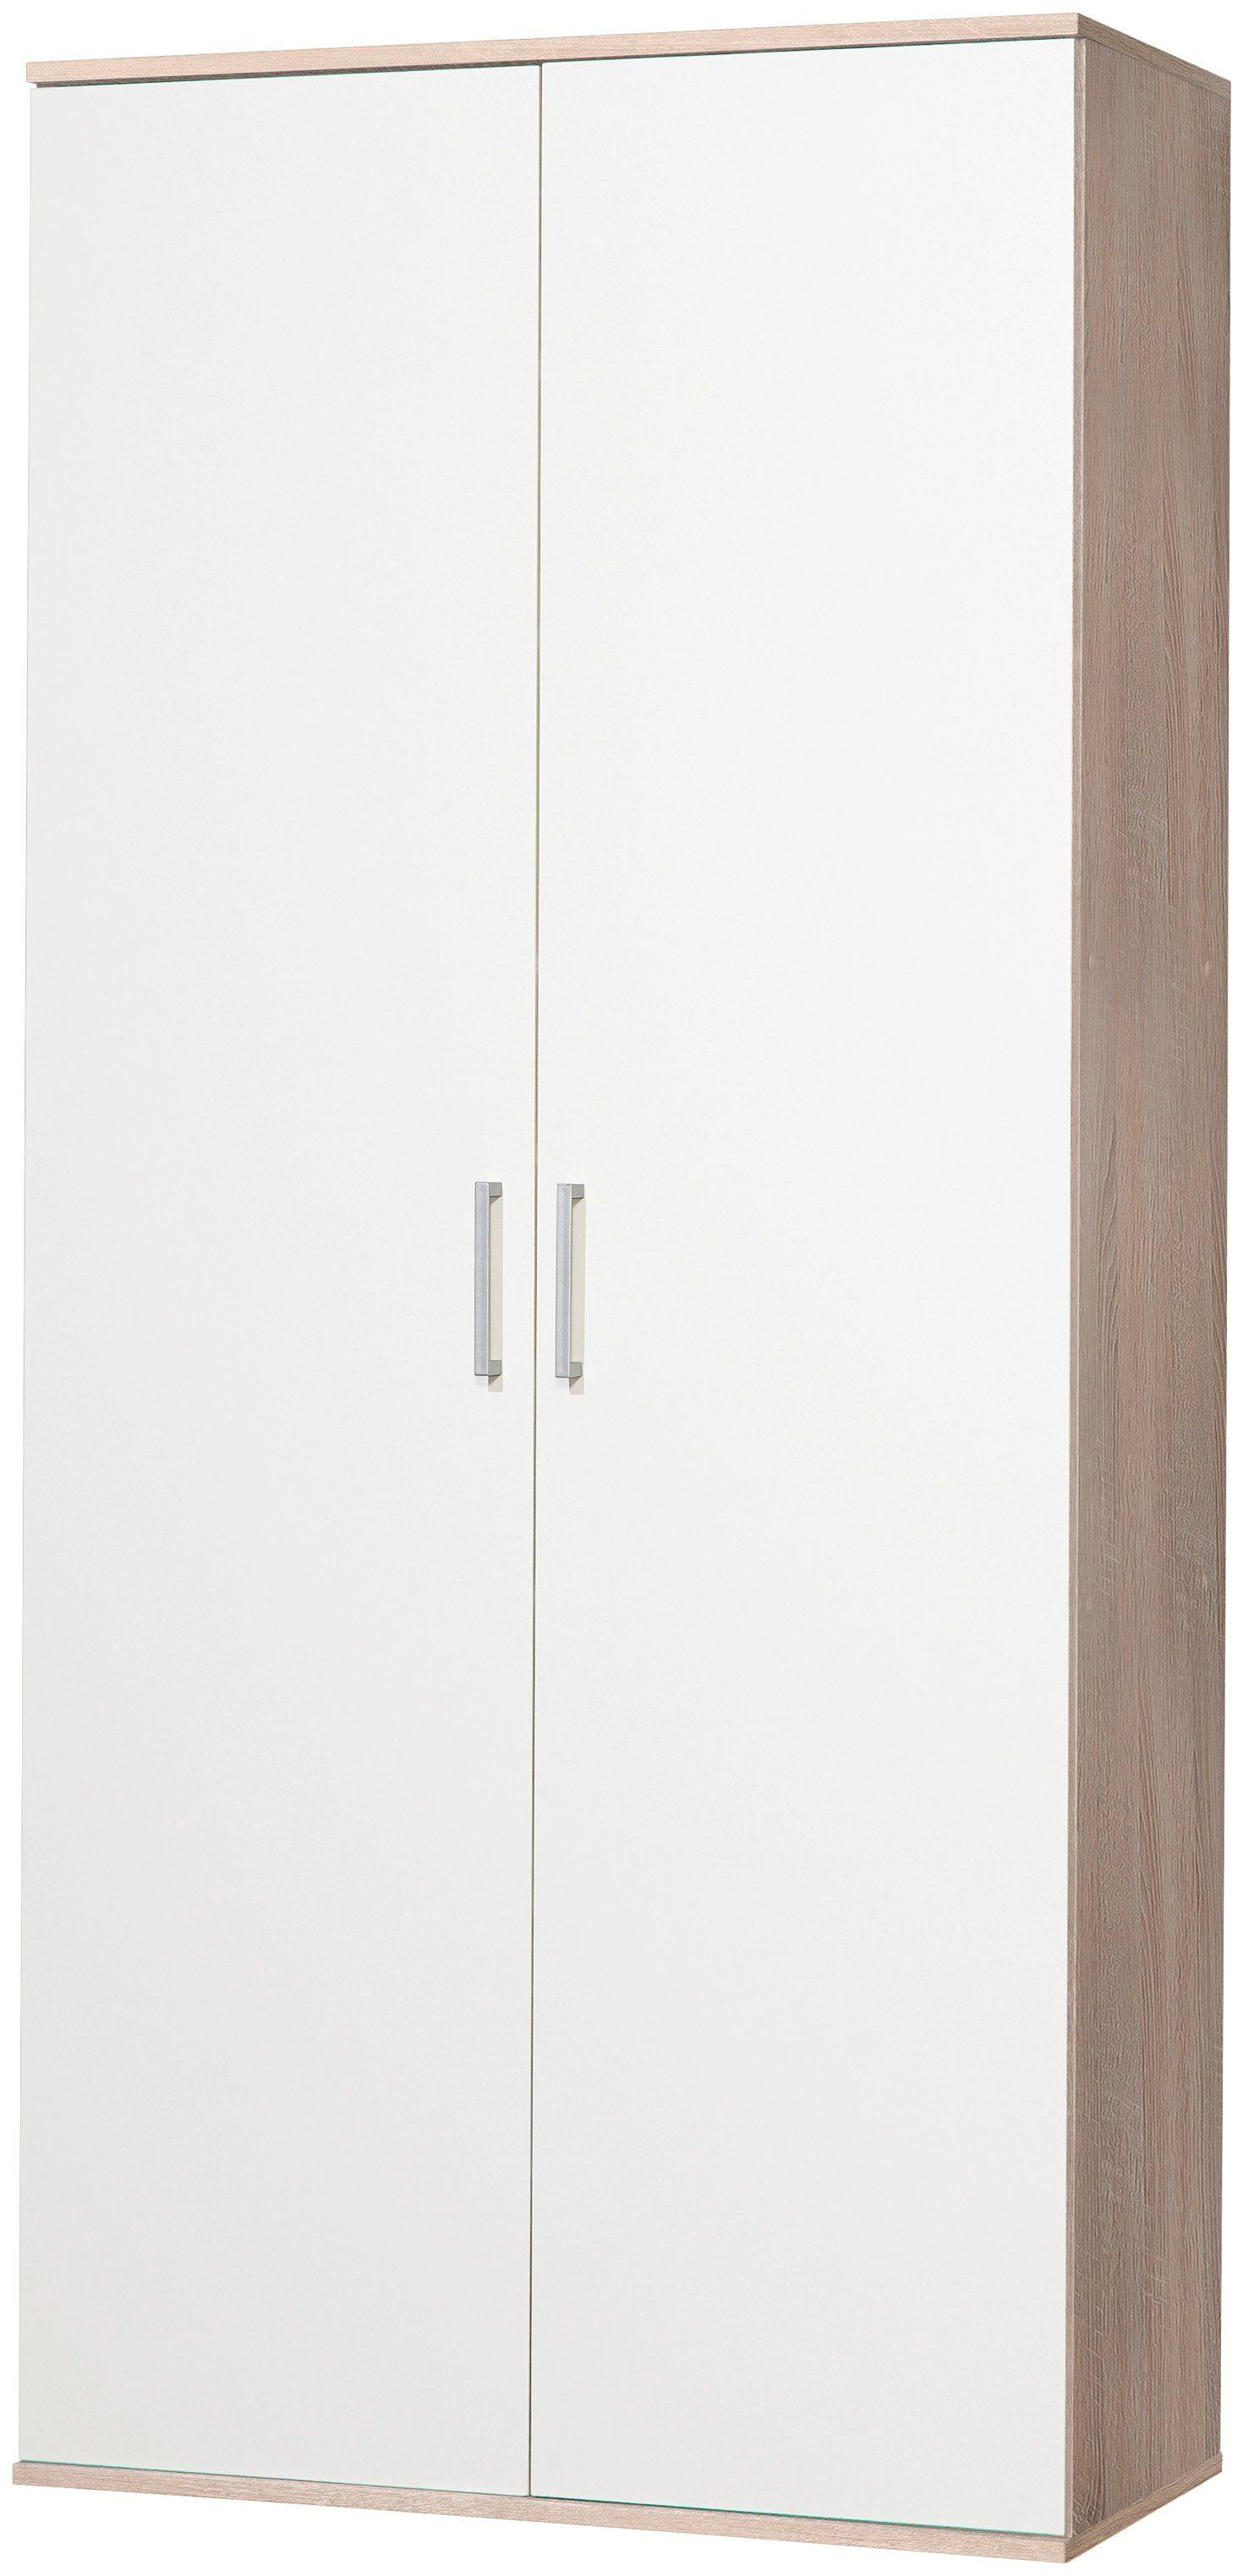 Mehrzweckschrank »Mareike«,8 Fächer, Maße 80x39x178 cm